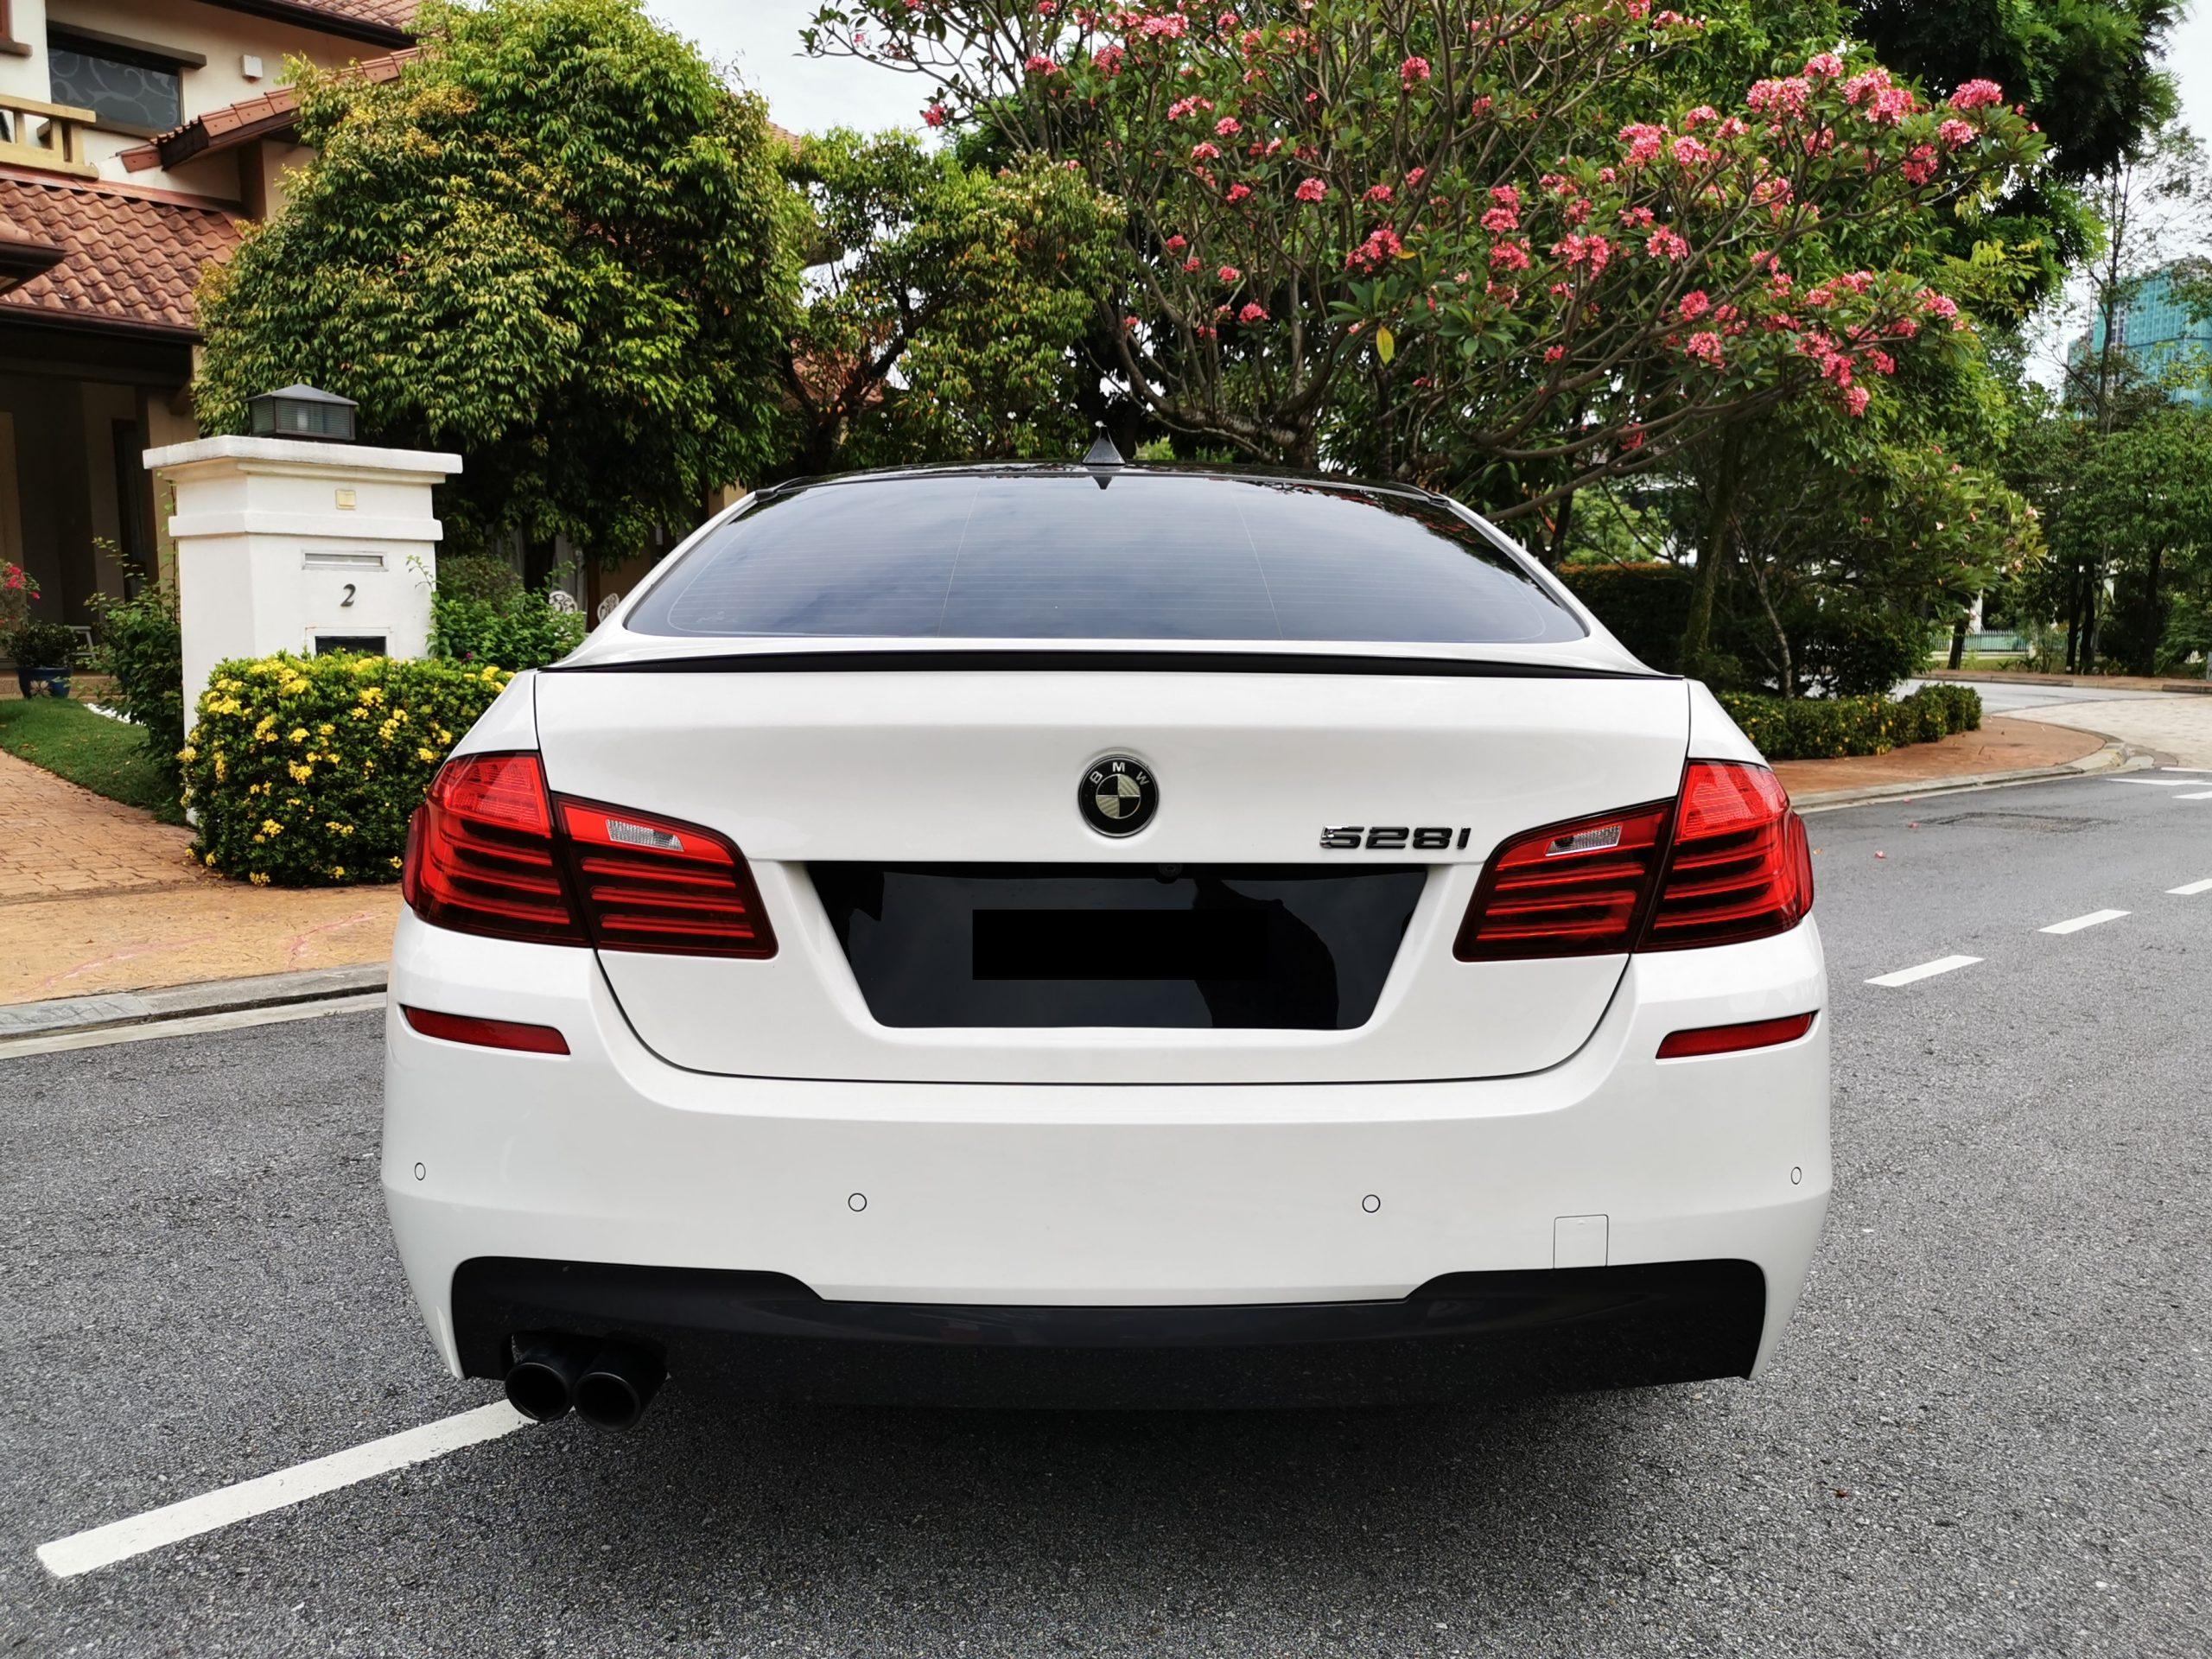 BMW 528i Rear view